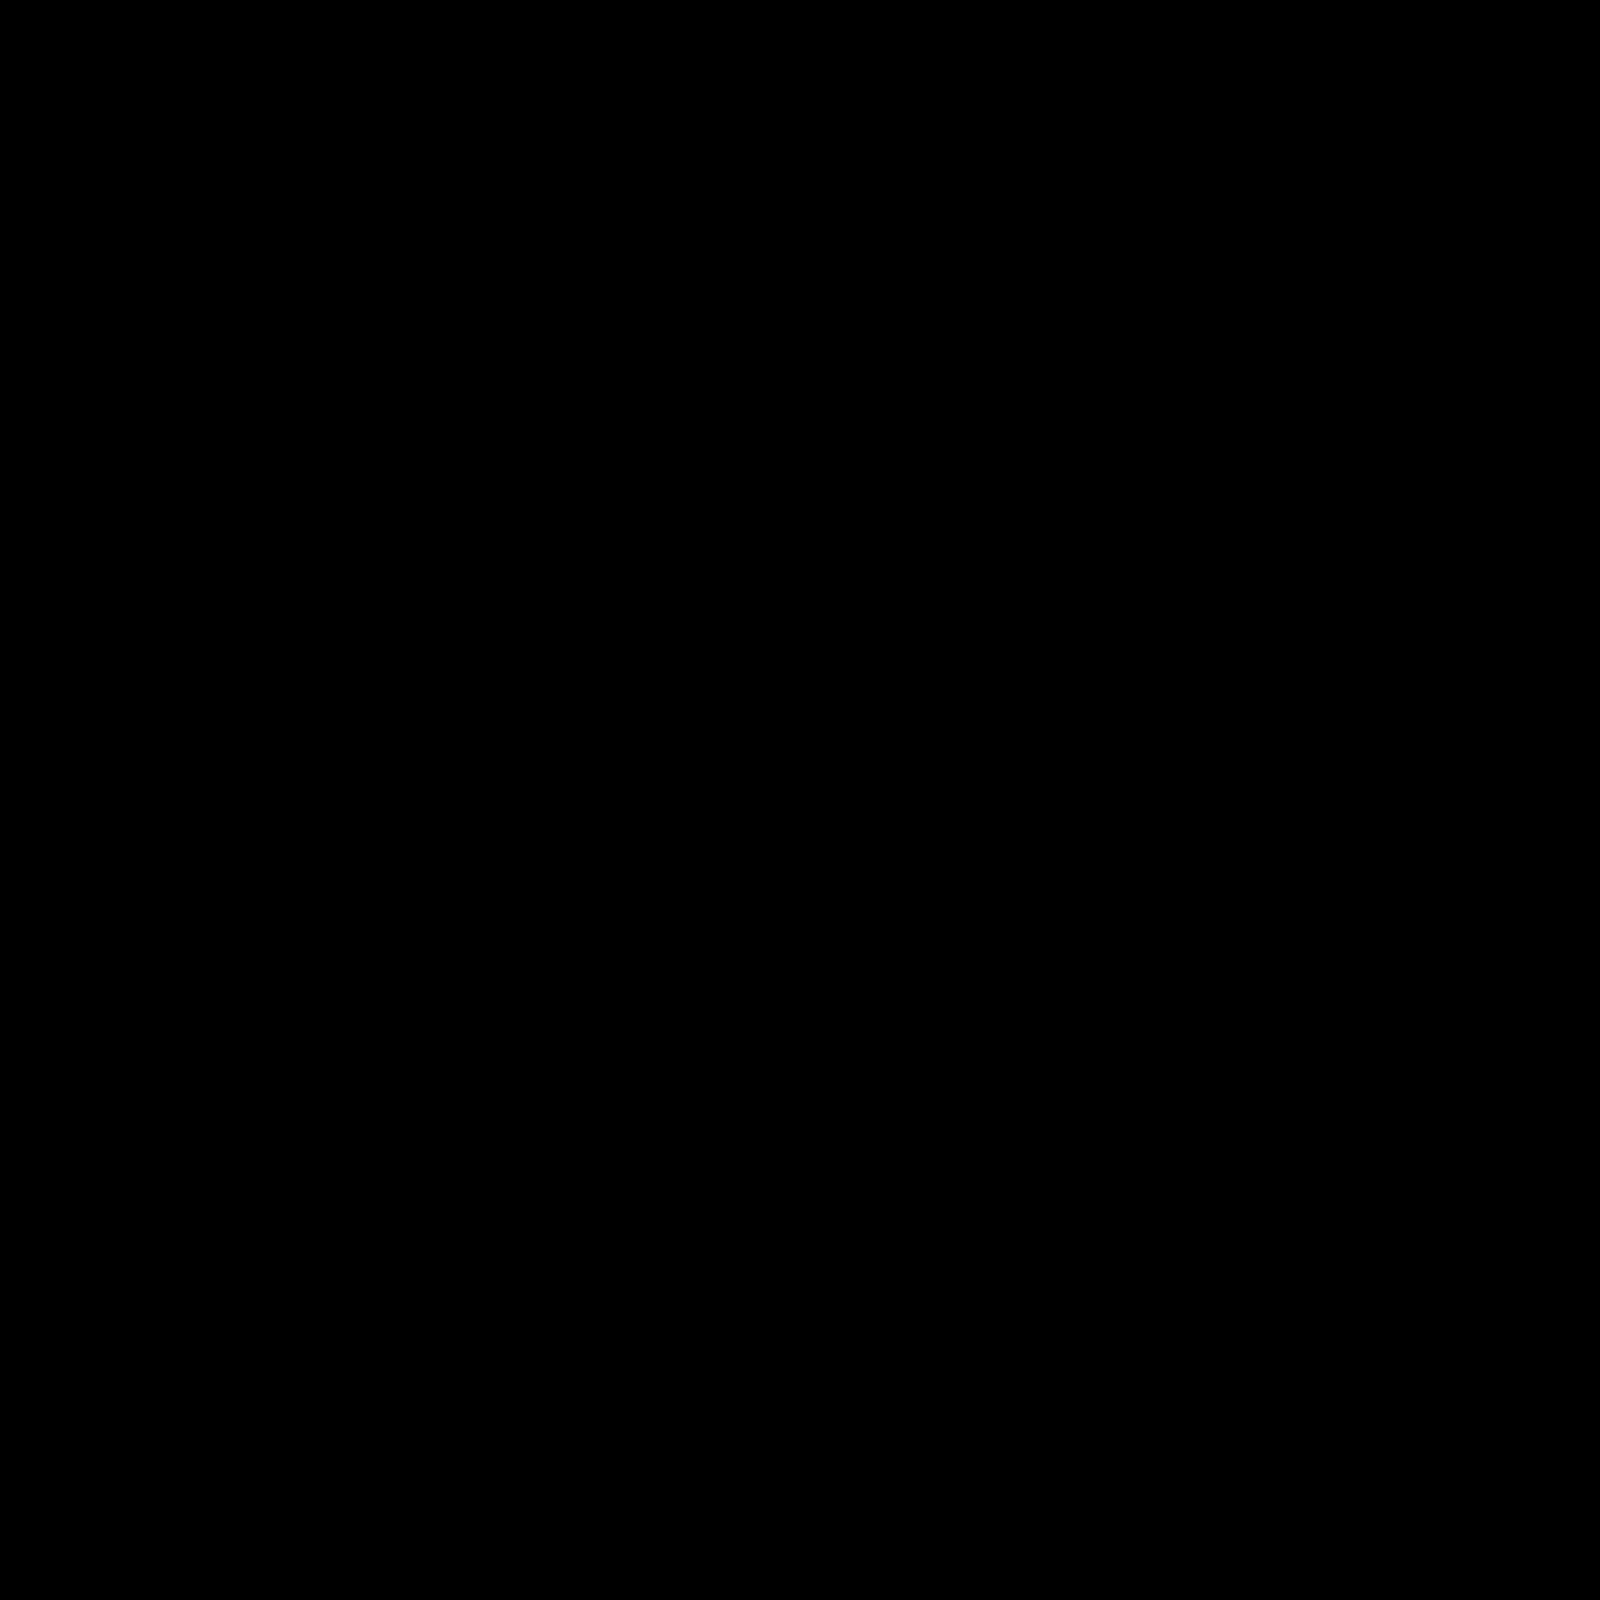 Вампир icon